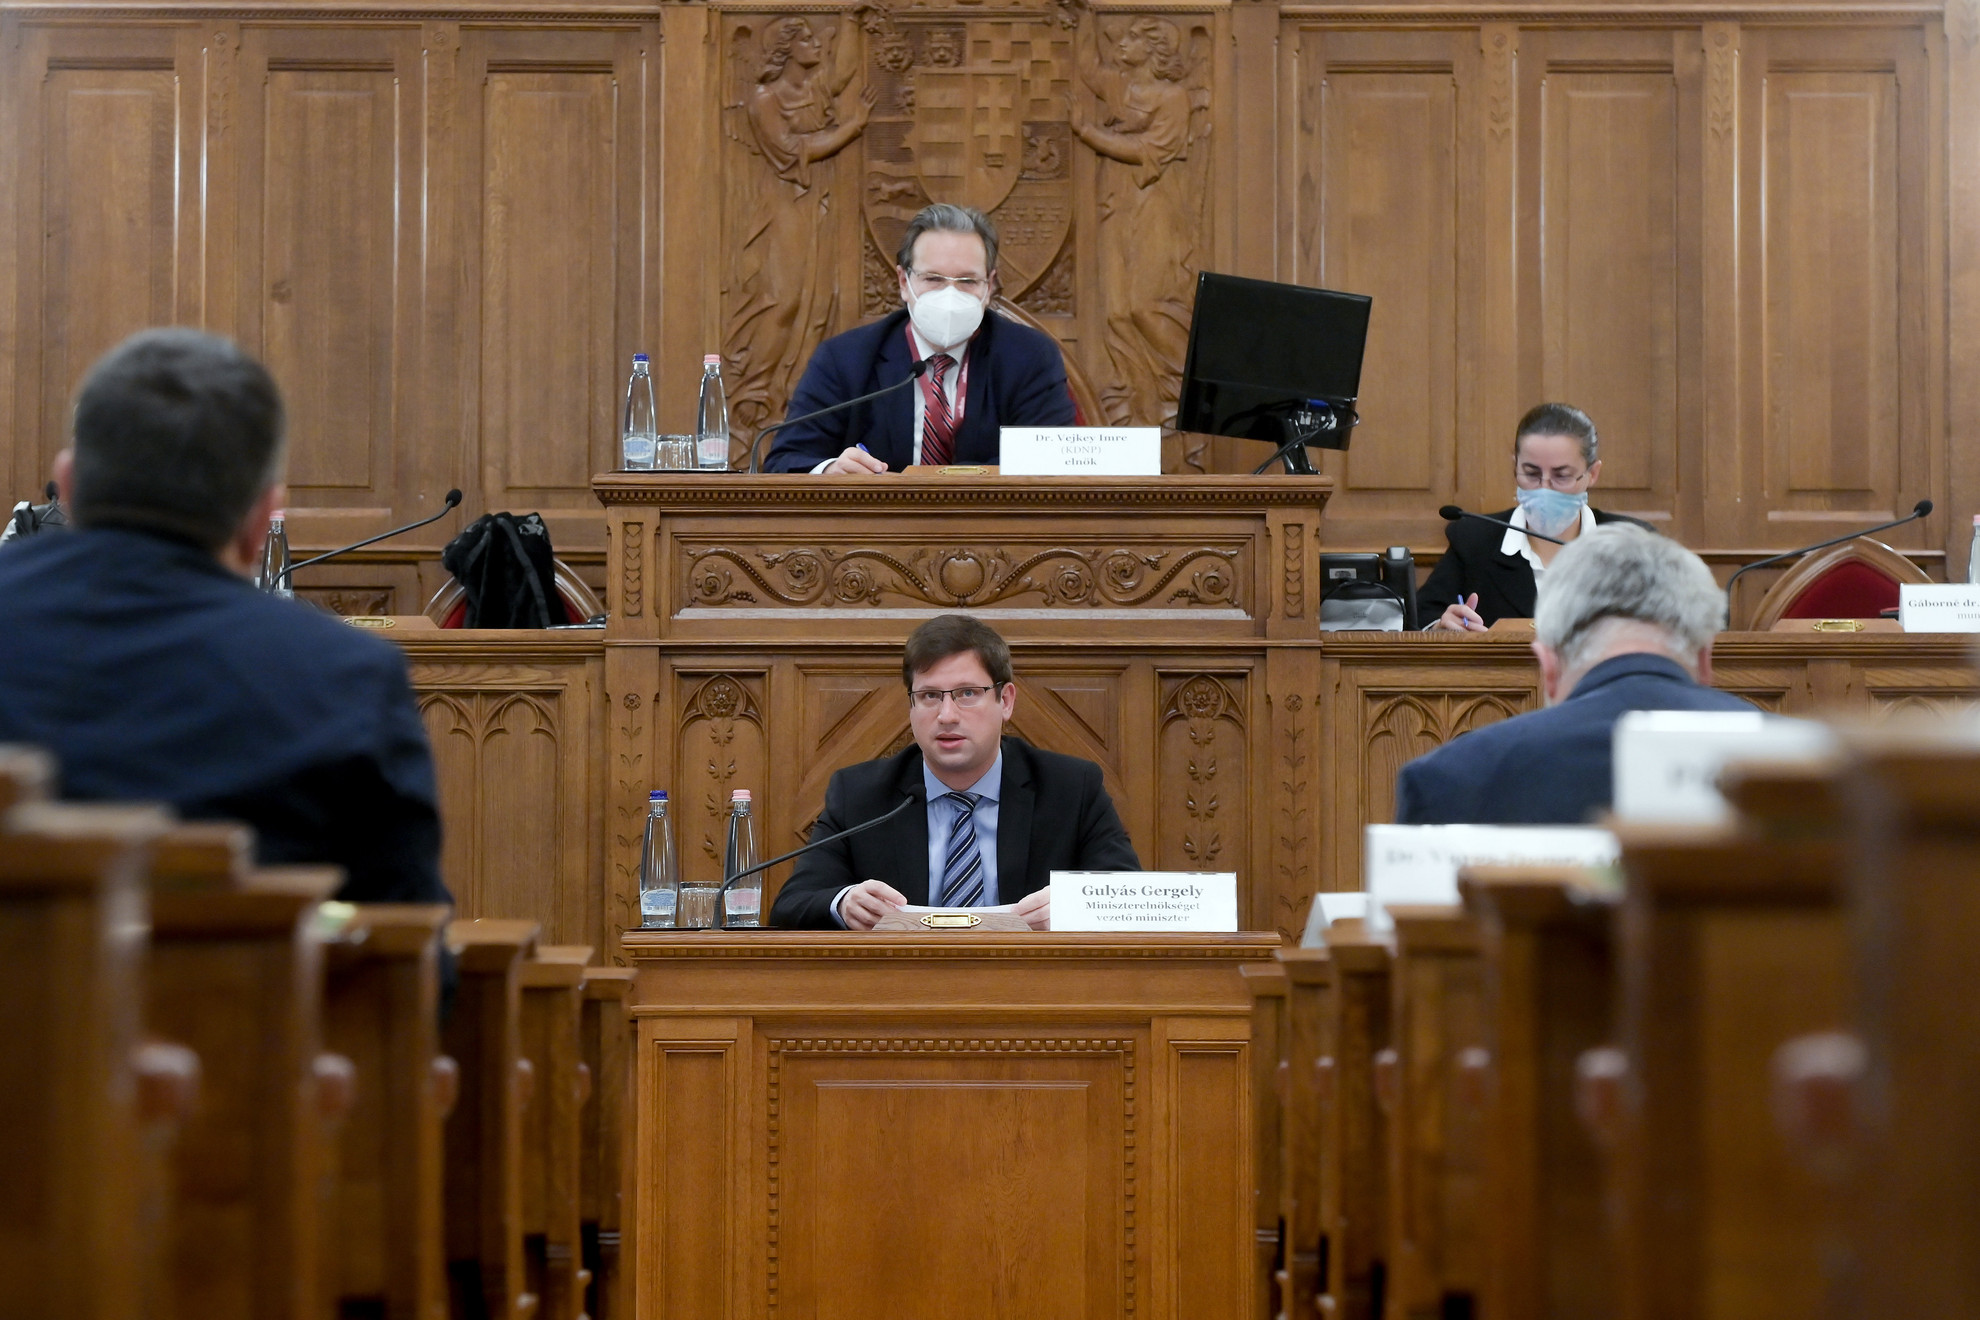 Gulyás Gergely, a Miniszterelnökséget vezető miniszter (elöl, k) éves meghallgatásán az Országgyűlés igazságügyi bizottságának ülésén az Országház Delegációs termében